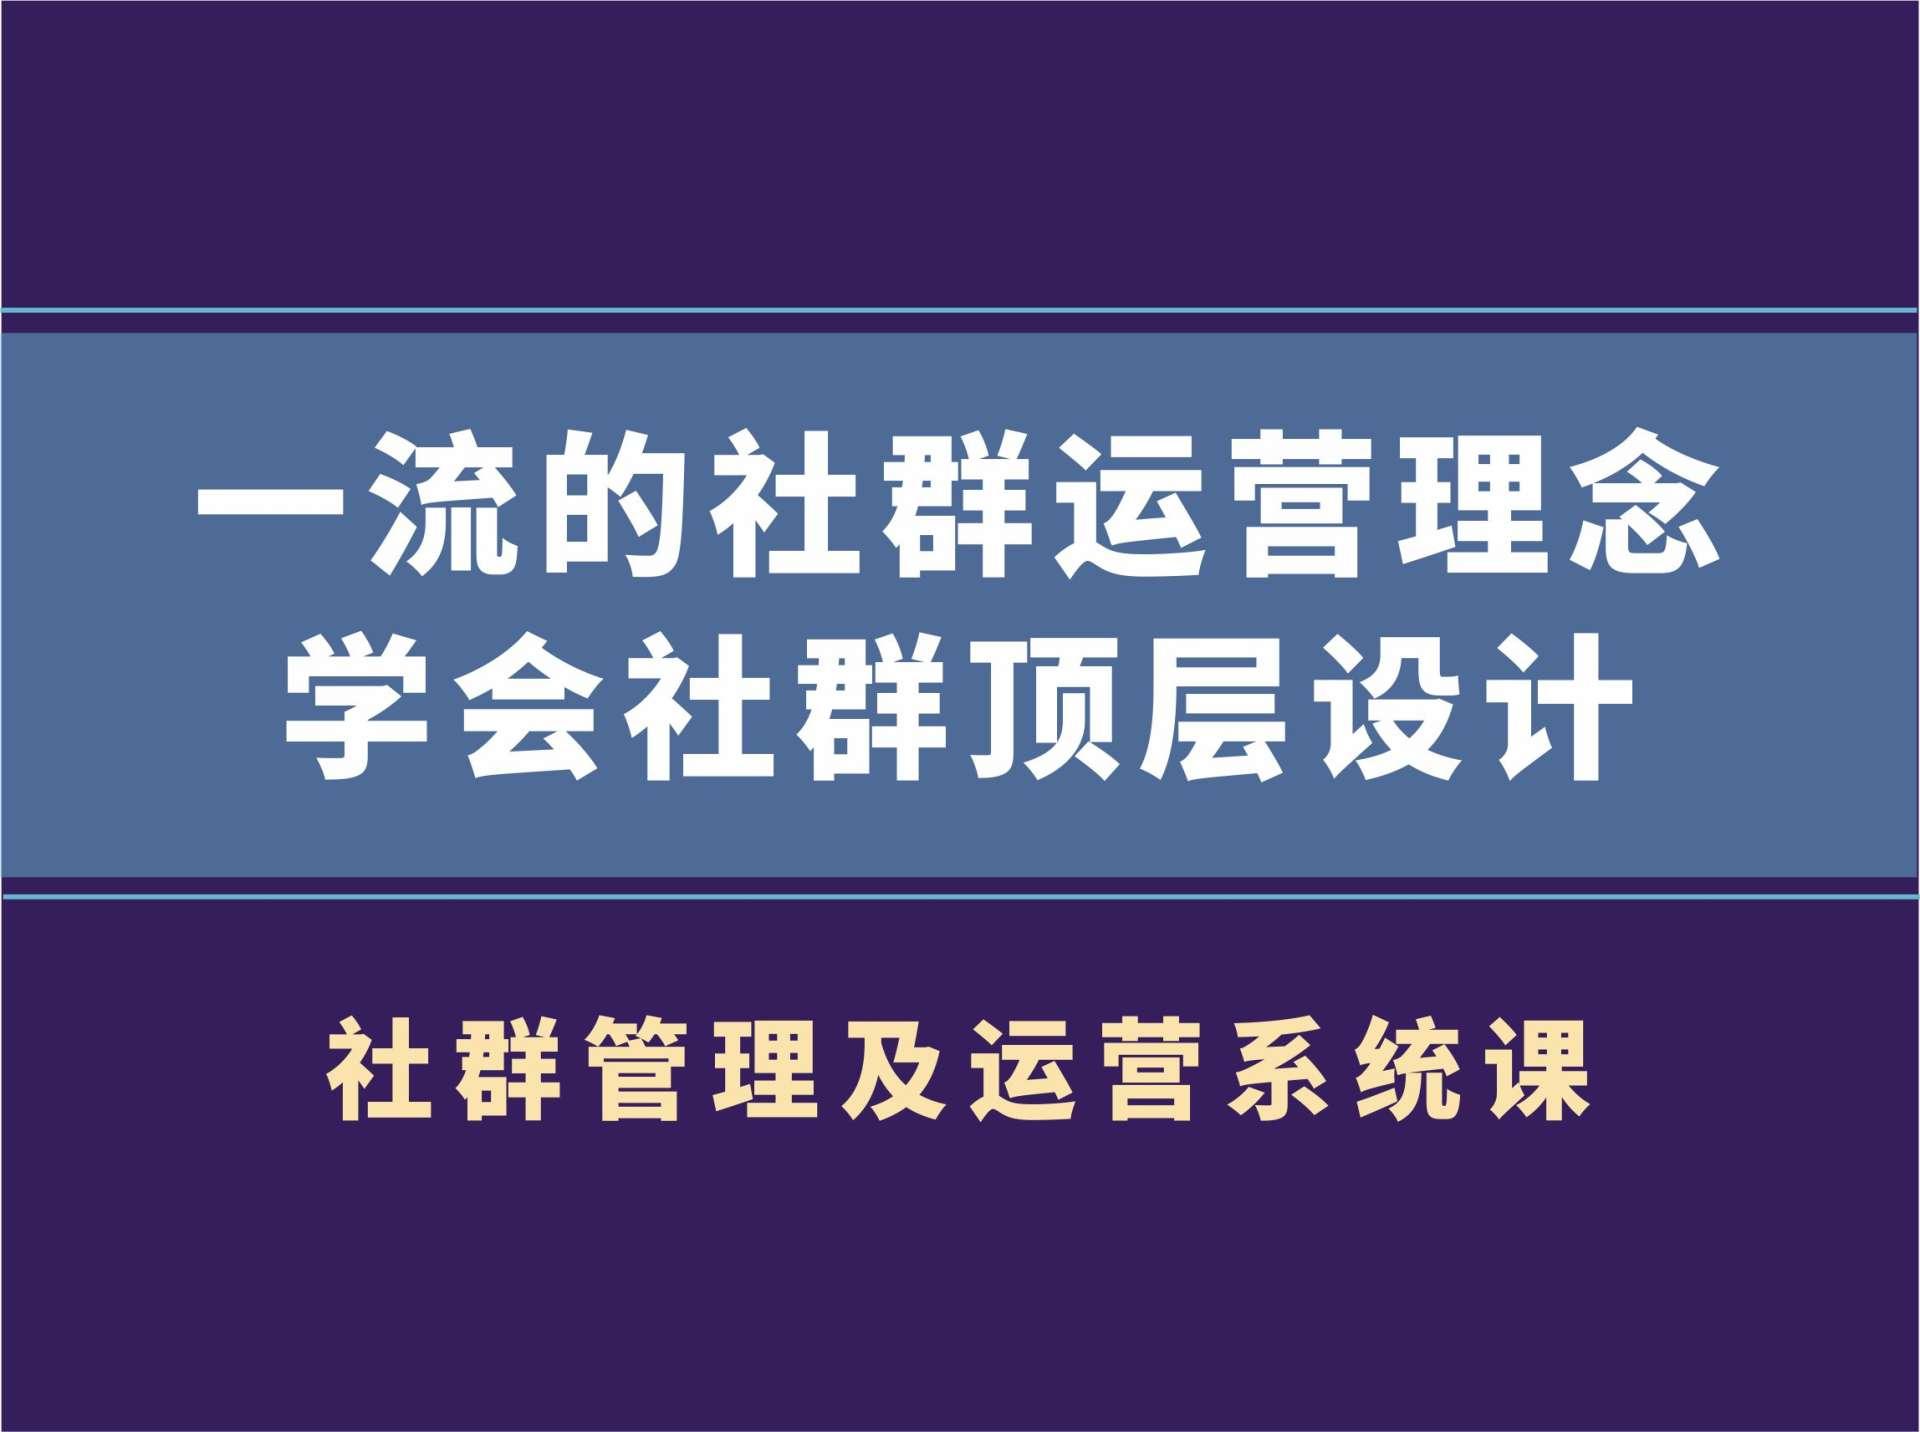 村西边老王·社群管理及运营系统课